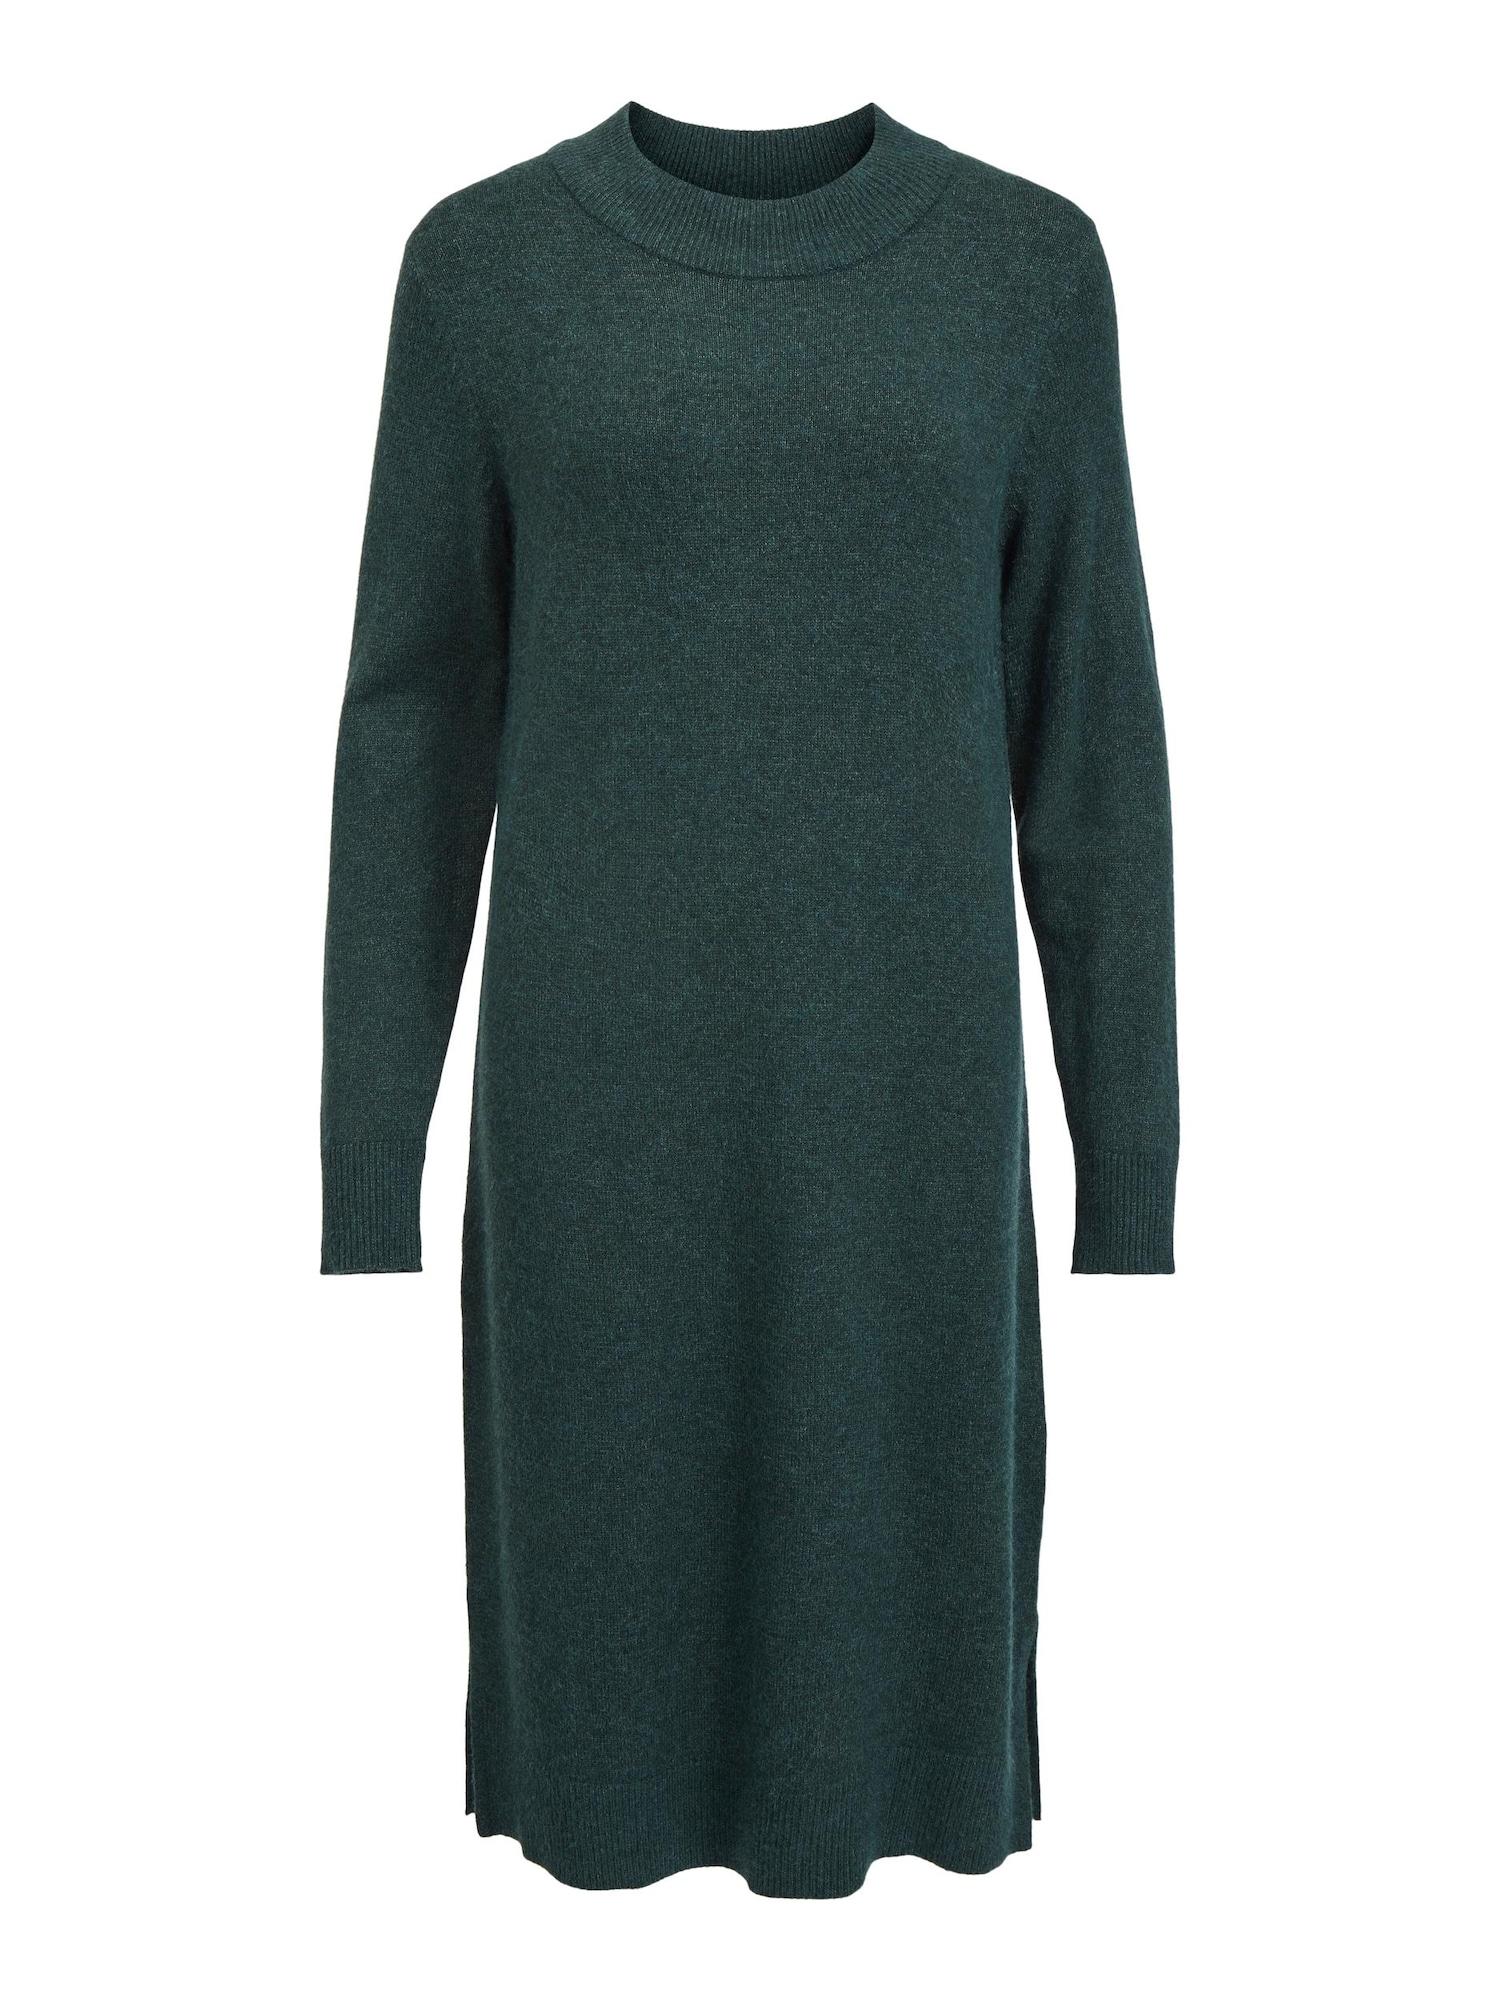 VILA Úpletové šaty 'Ril'  tmavě zelená